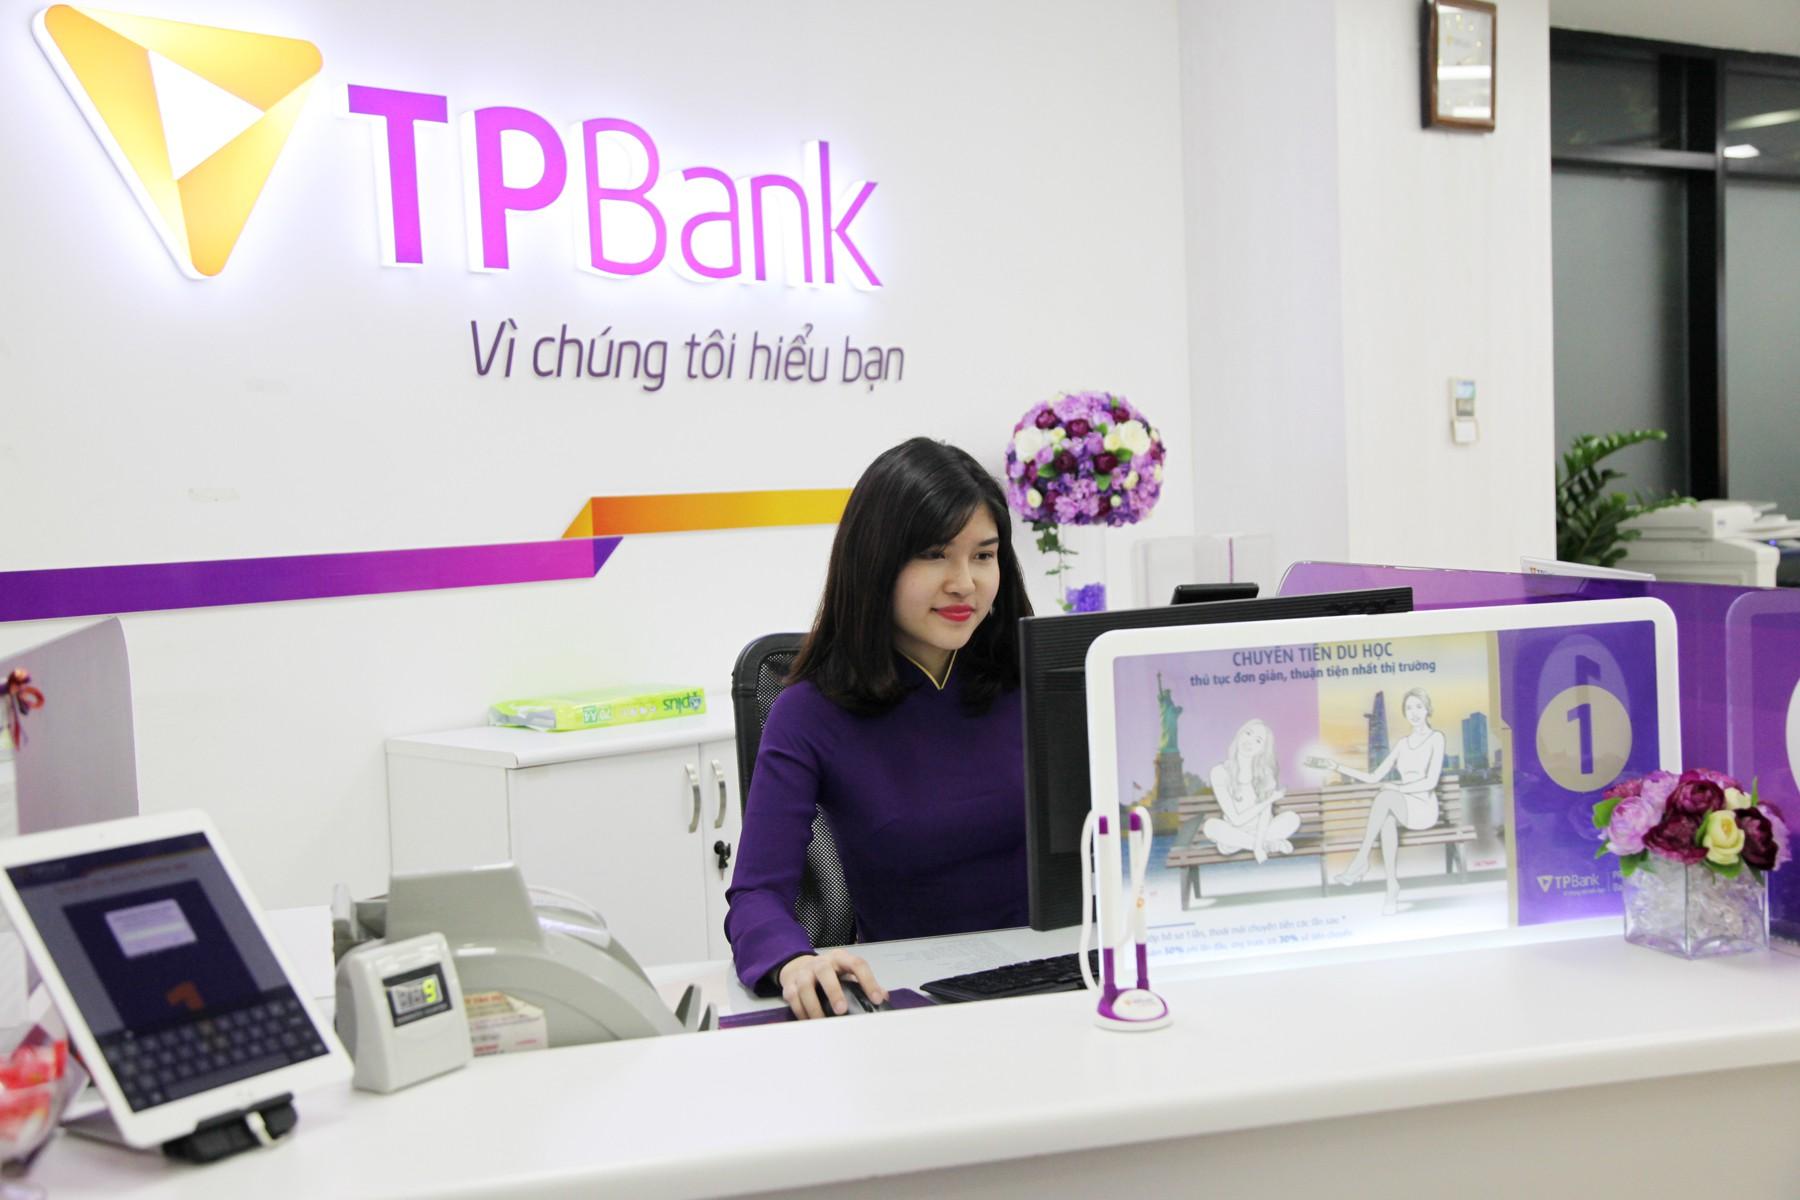 Lợi nhuận TPBank tăng 58% trong 6 tháng đầu năm, thu nhập nhân viên đạt gần 28,8 triệu đồng/người/tháng - Ảnh 1.